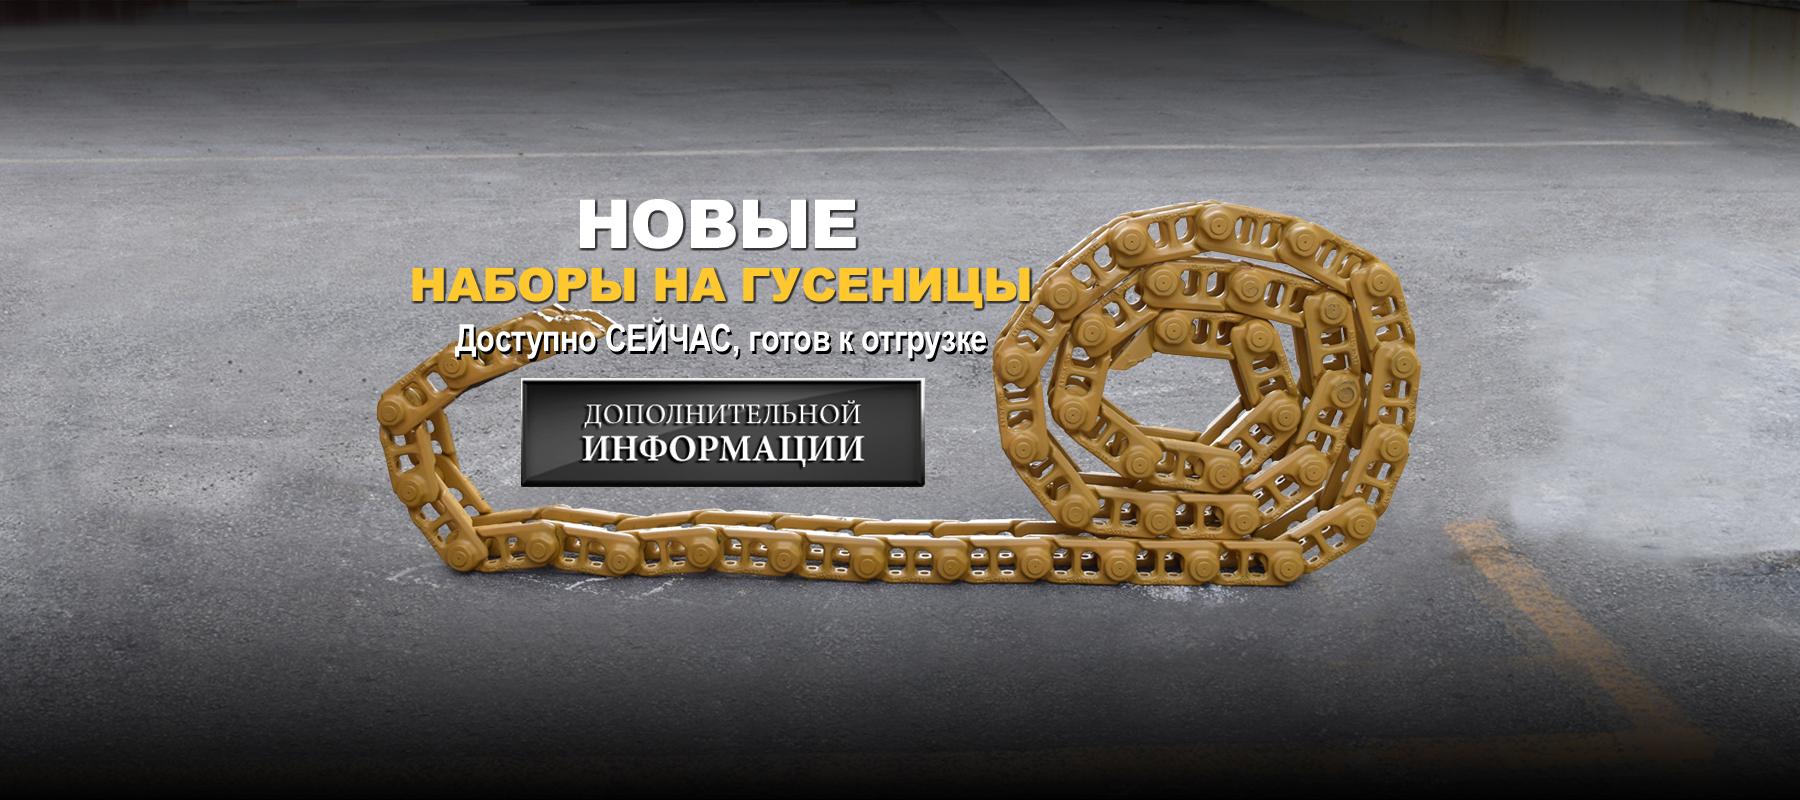 banner-slide02-bg-rs